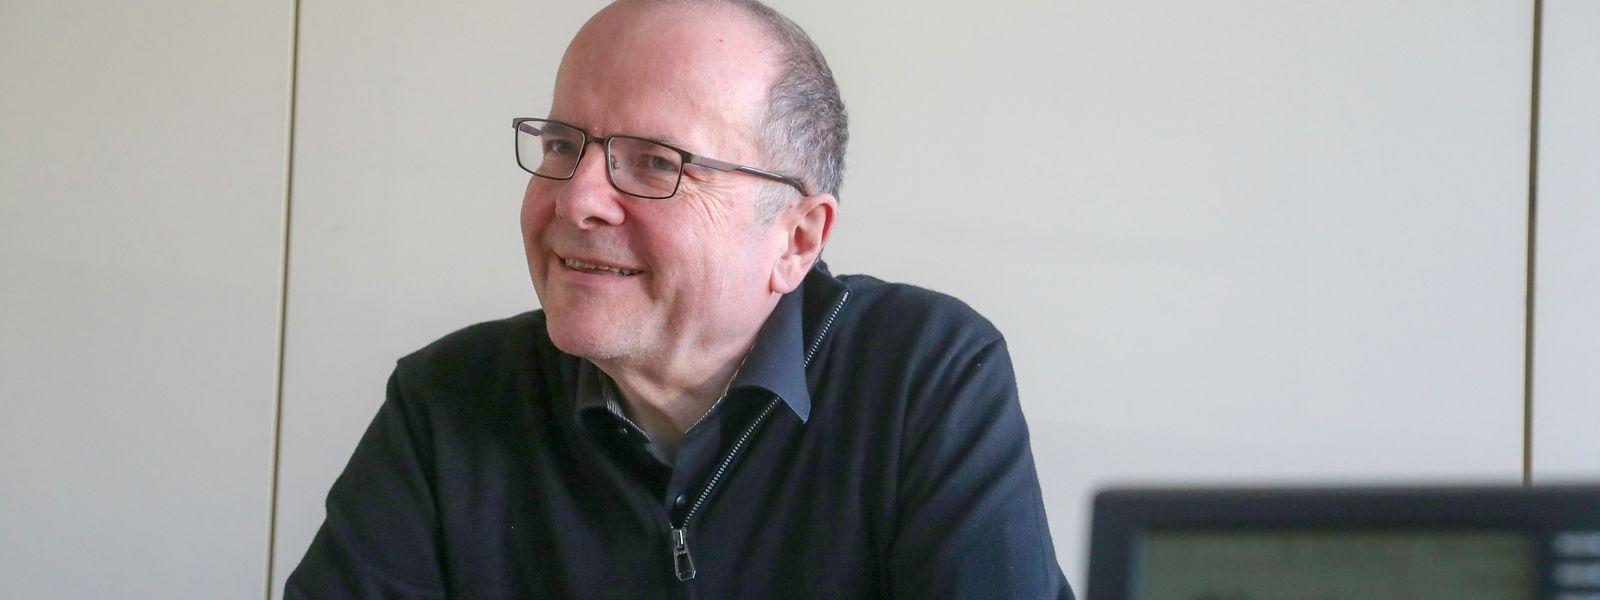 Marc Barthelemy ist seit etwas mehr als fünf Monaten Kommissar für die luxemburgische Sprache.